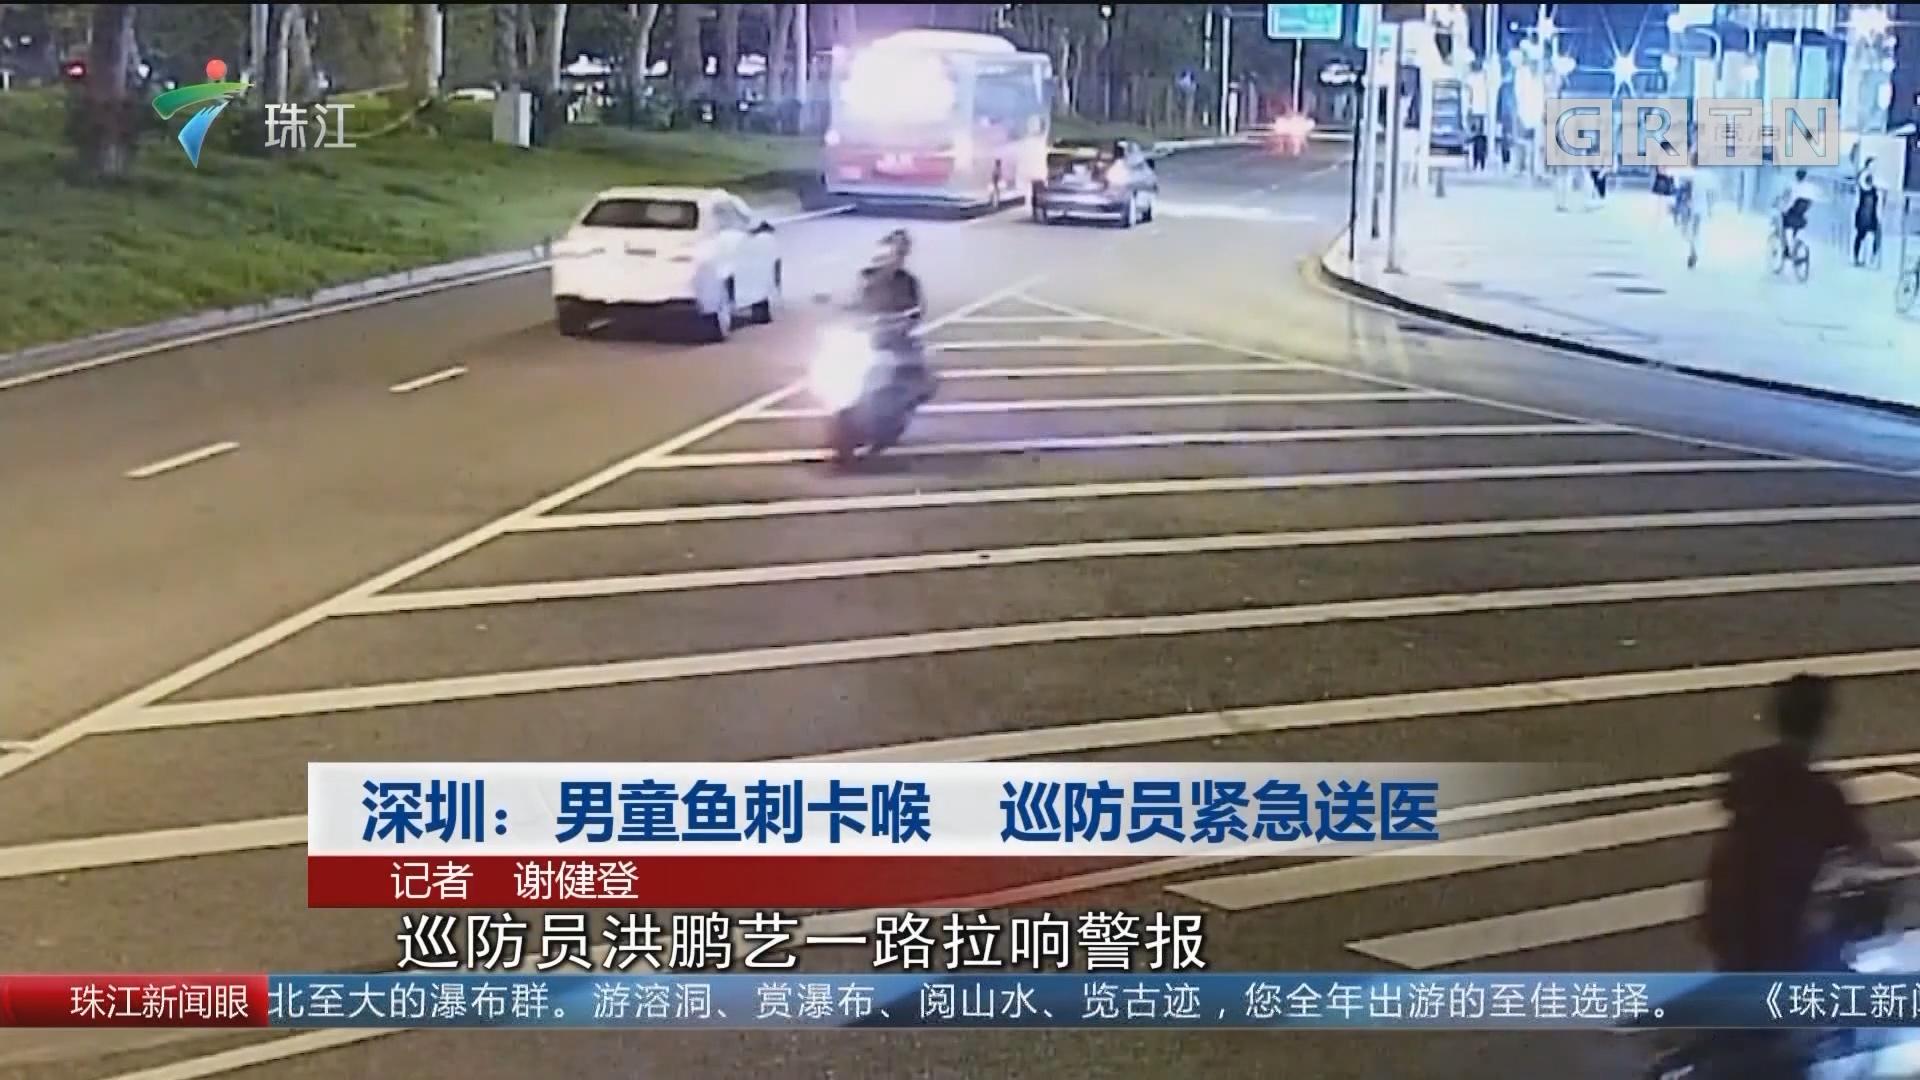 深圳:男童鱼刺卡喉 巡防员紧急送医